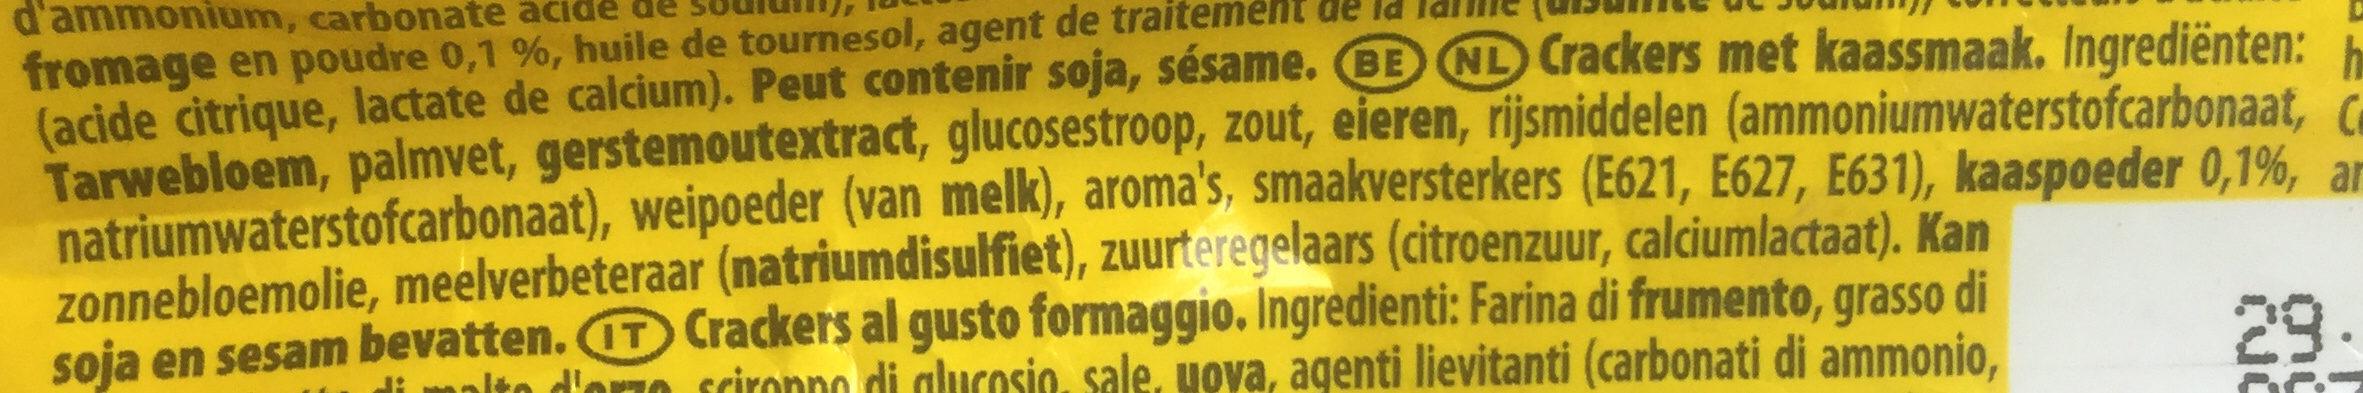 Tuc fromage - Ingrediënten - nl